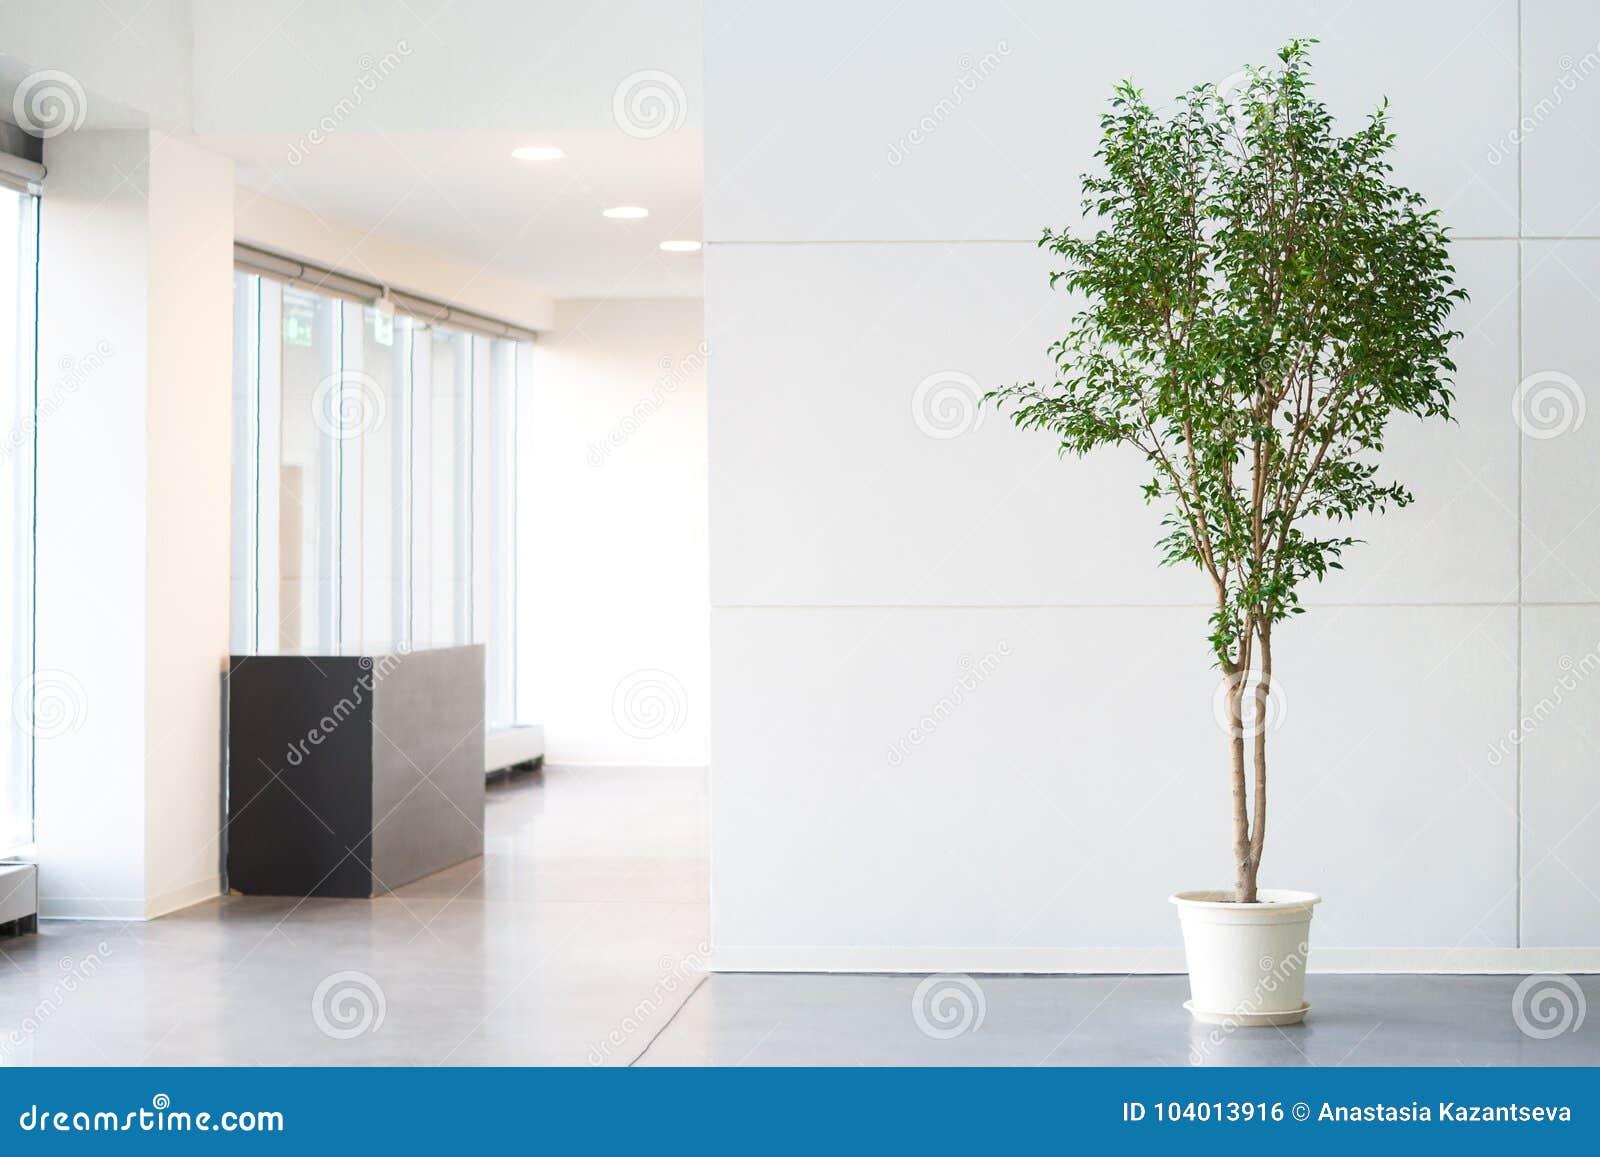 Bielu pusty biurowy pokój z zieloną rośliną